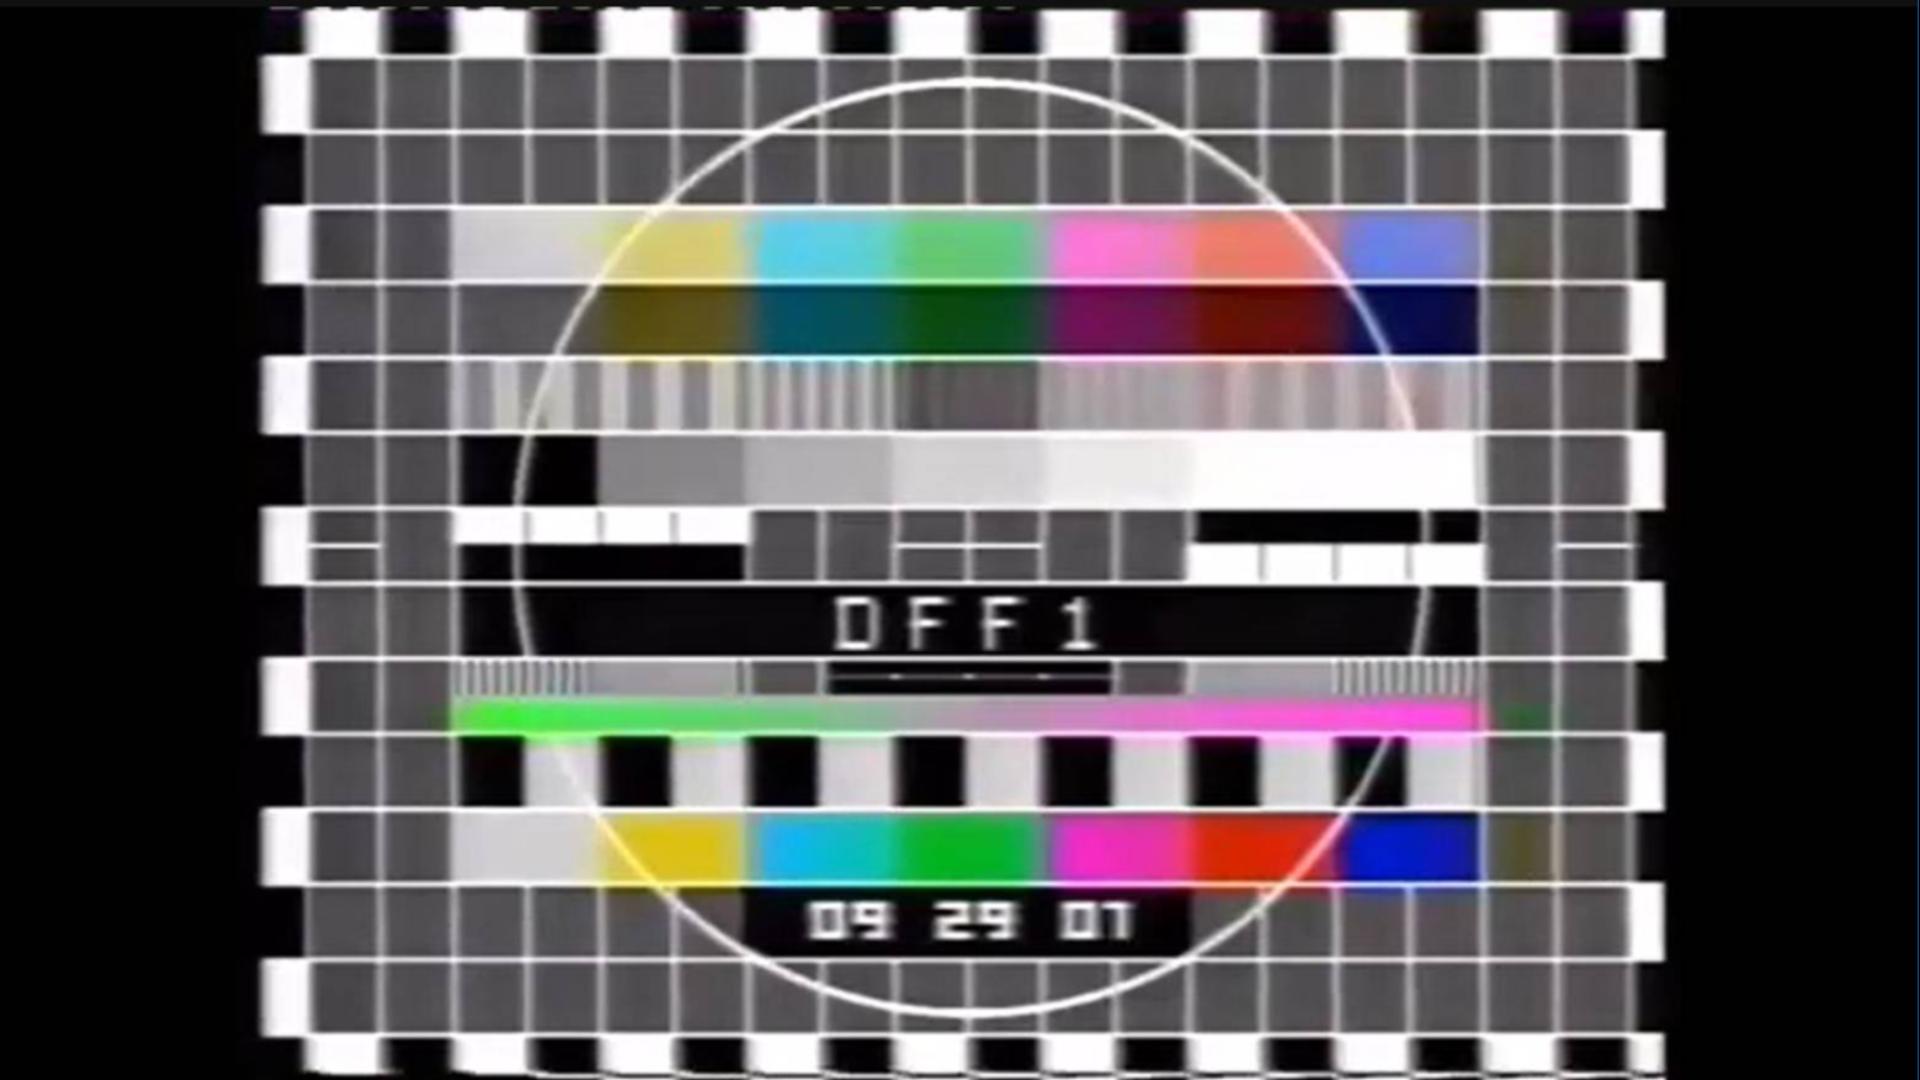 【放送文化】东德电视台第一套节目(DFF1) 测试图&开台 1990.3.23